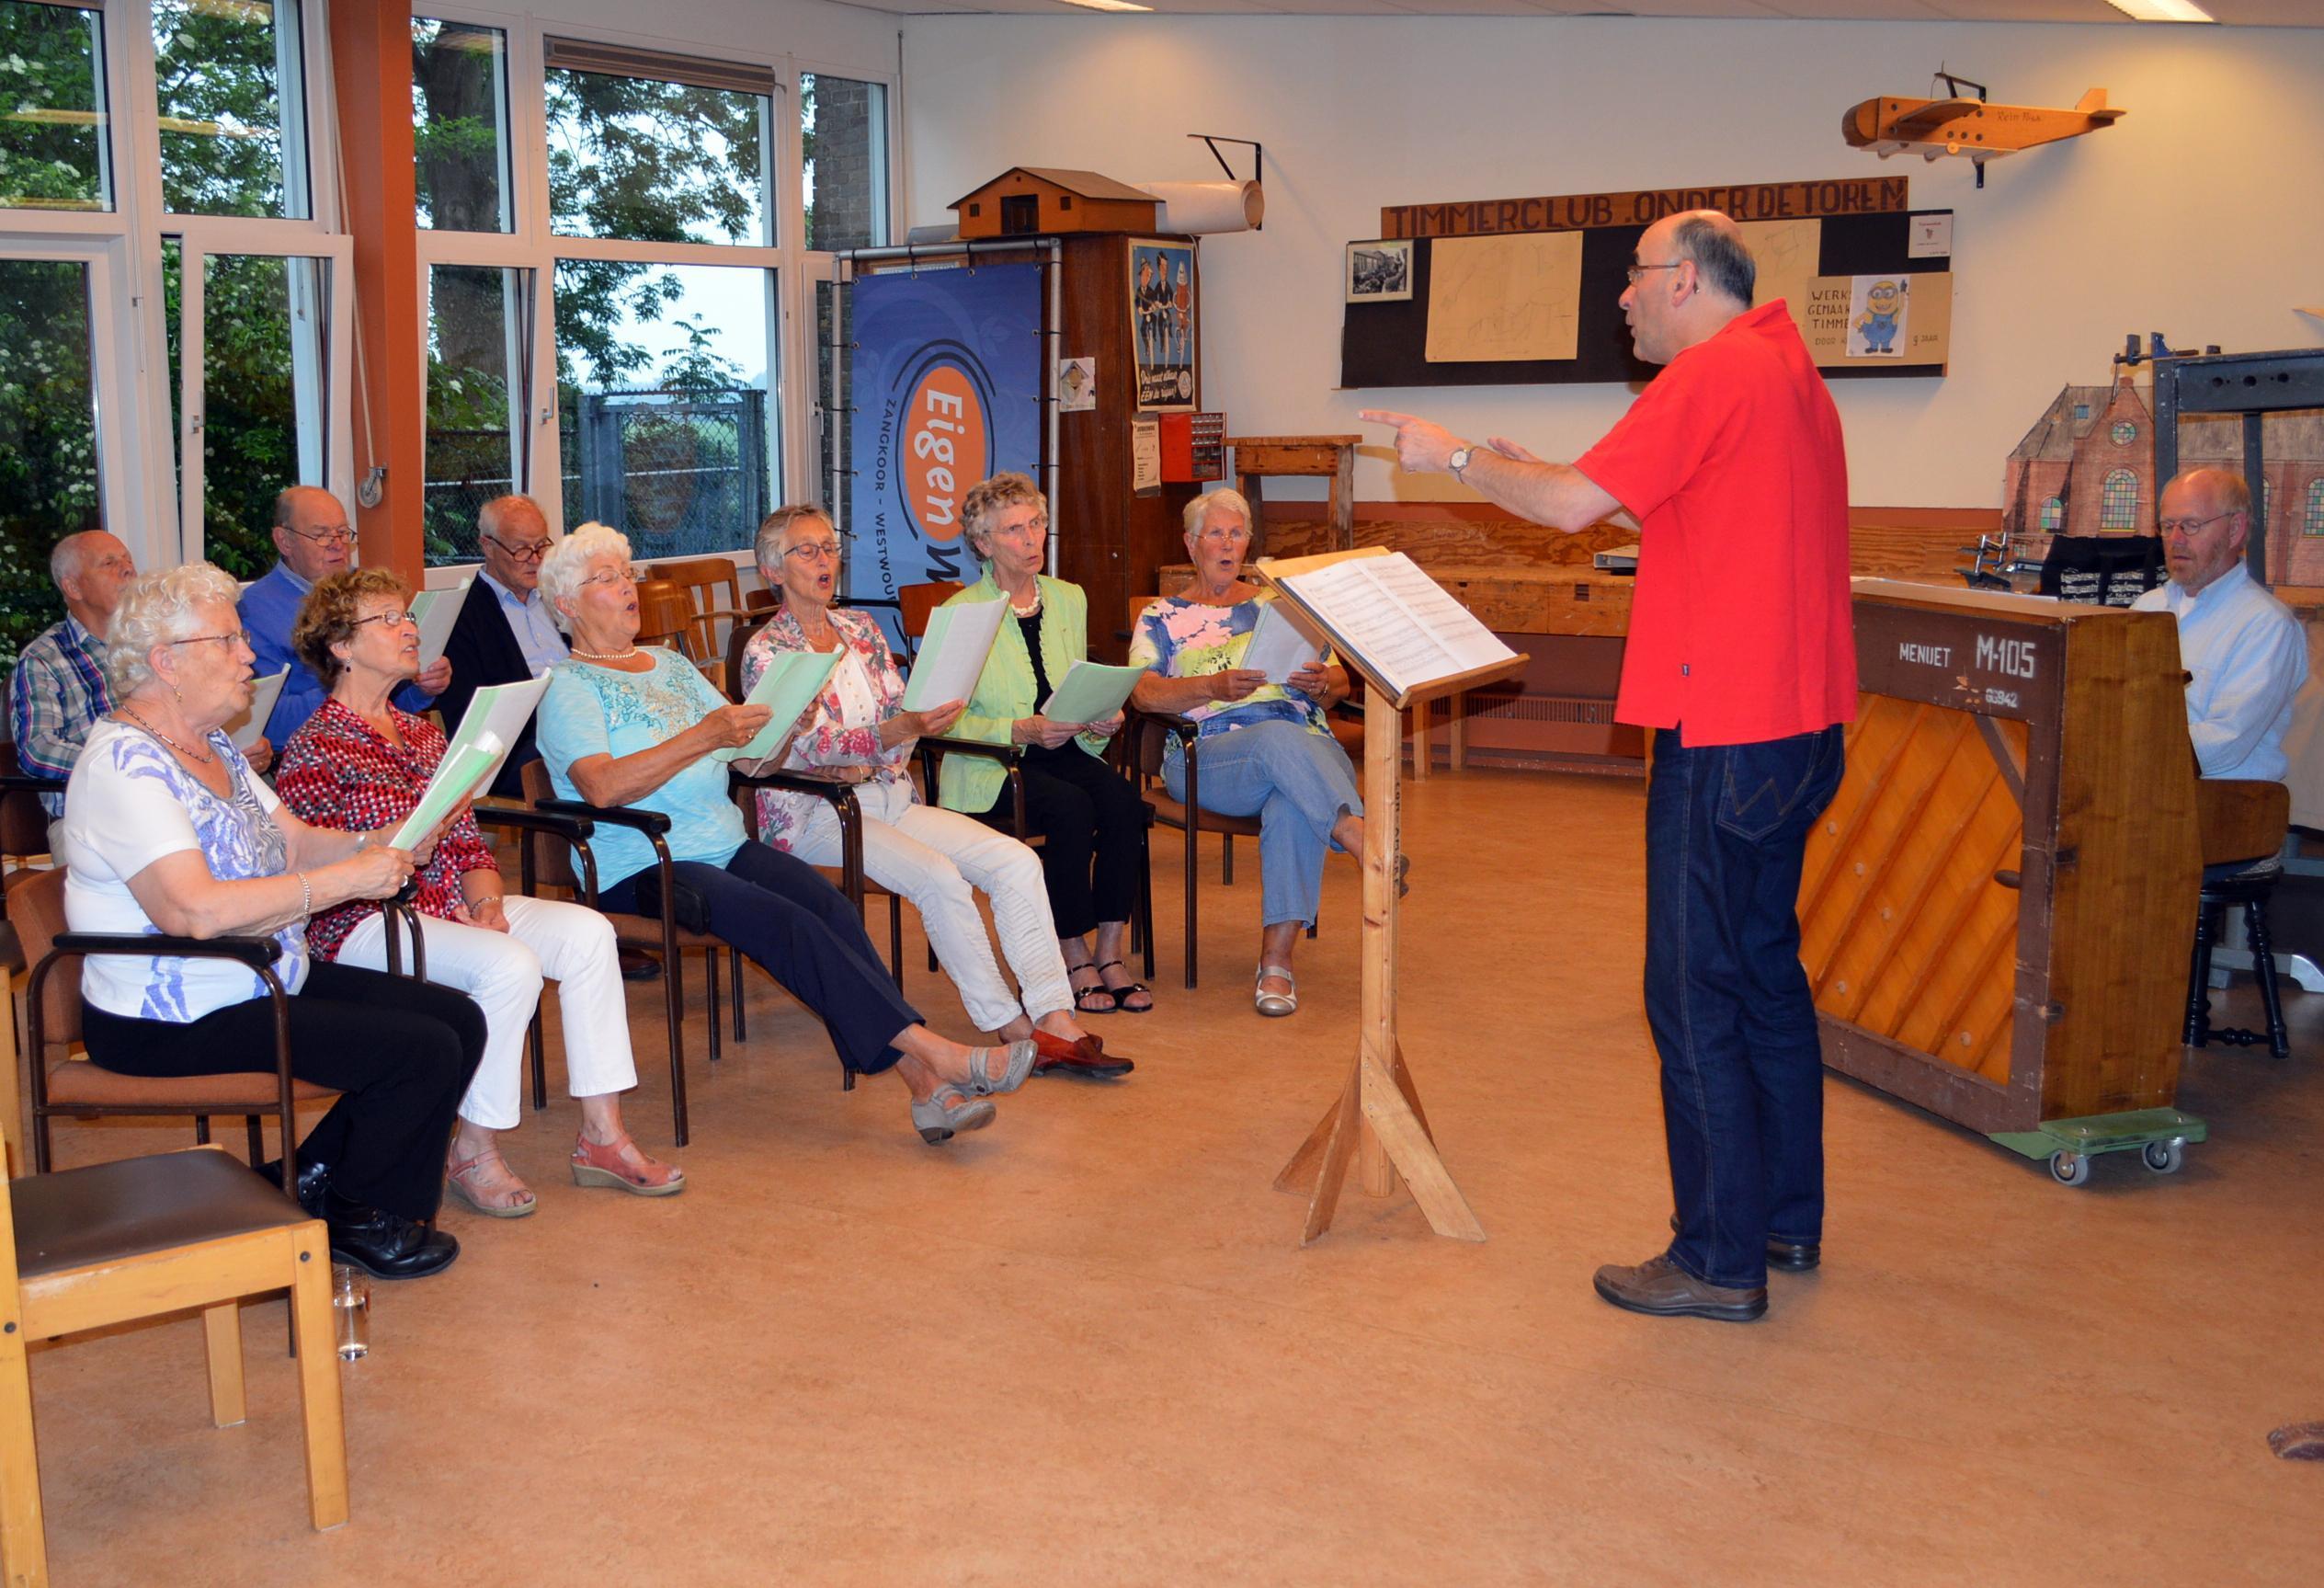 Dirigent Ruud Hoogenboom schrikt ondanks corona niet terug voor oprichting nieuw kerkkoor in Westwoud, maar meezingen is nog even niet toegestaan: 'Zelfs de pastor houdt zijn lippen stijf op elkaar'